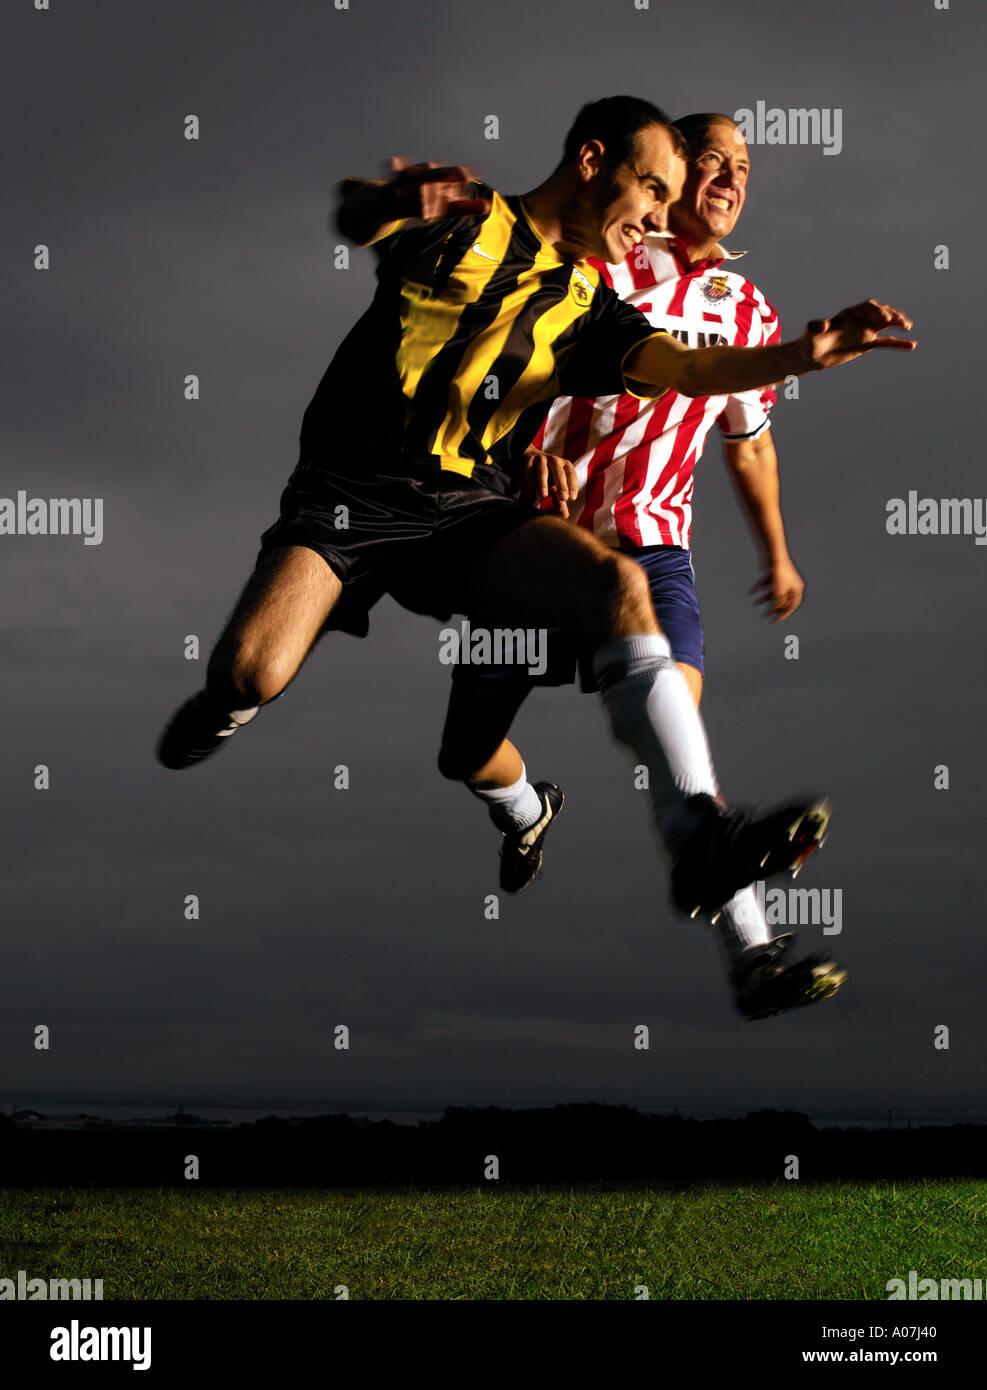 L'action, l'effort, défi, Sport, Horizontal, pleine longueur, à l'extérieur, 30-34 ans, de face, le football, l'apparence de race blanche. Photo Stock